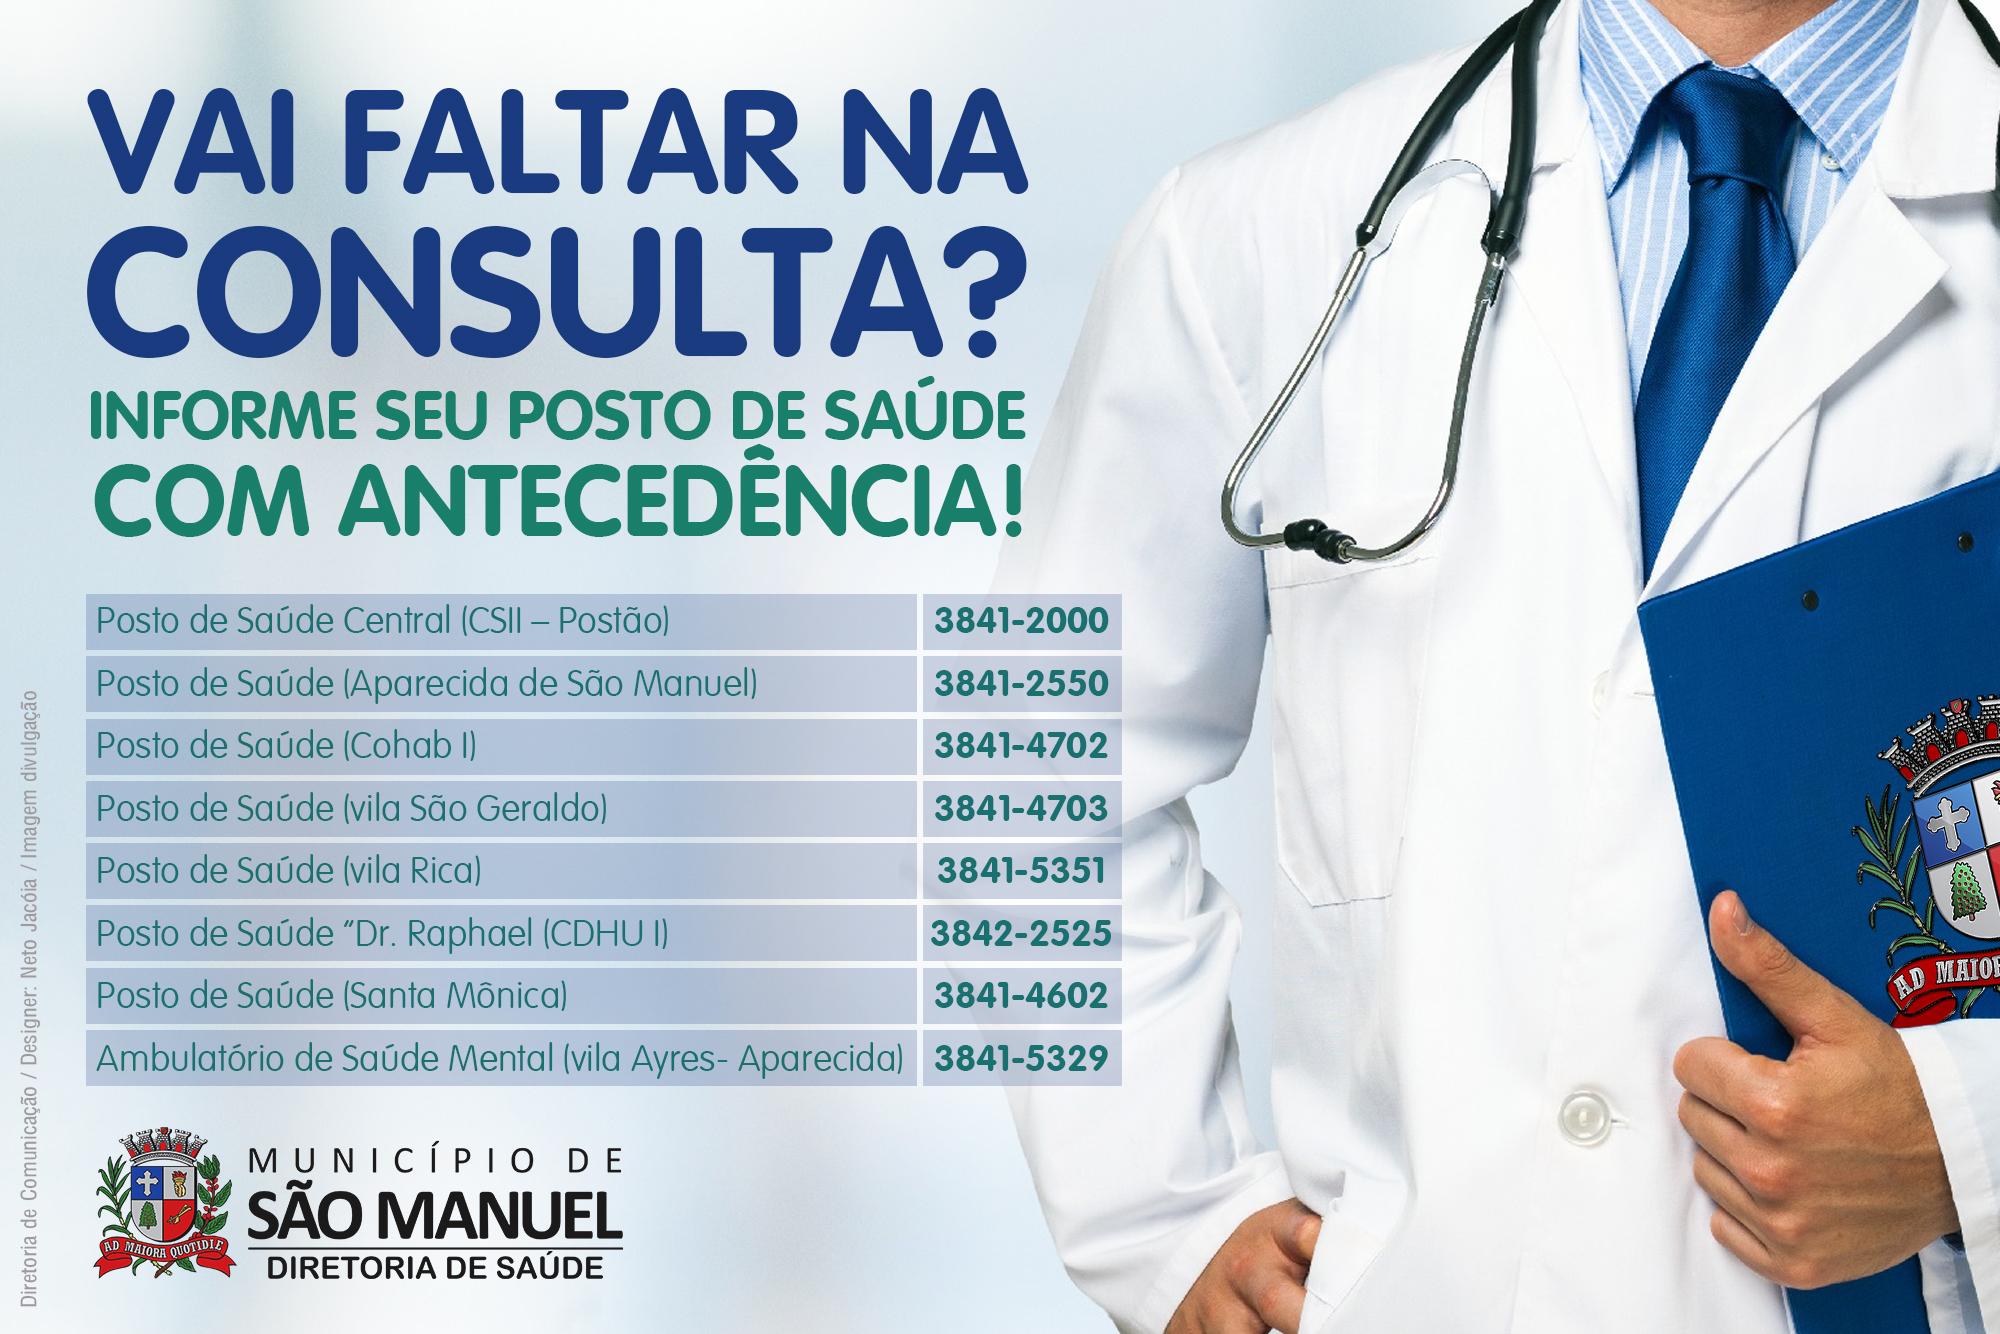 Diretoria de Saúde tenta reverter alto índice de faltas em consultas